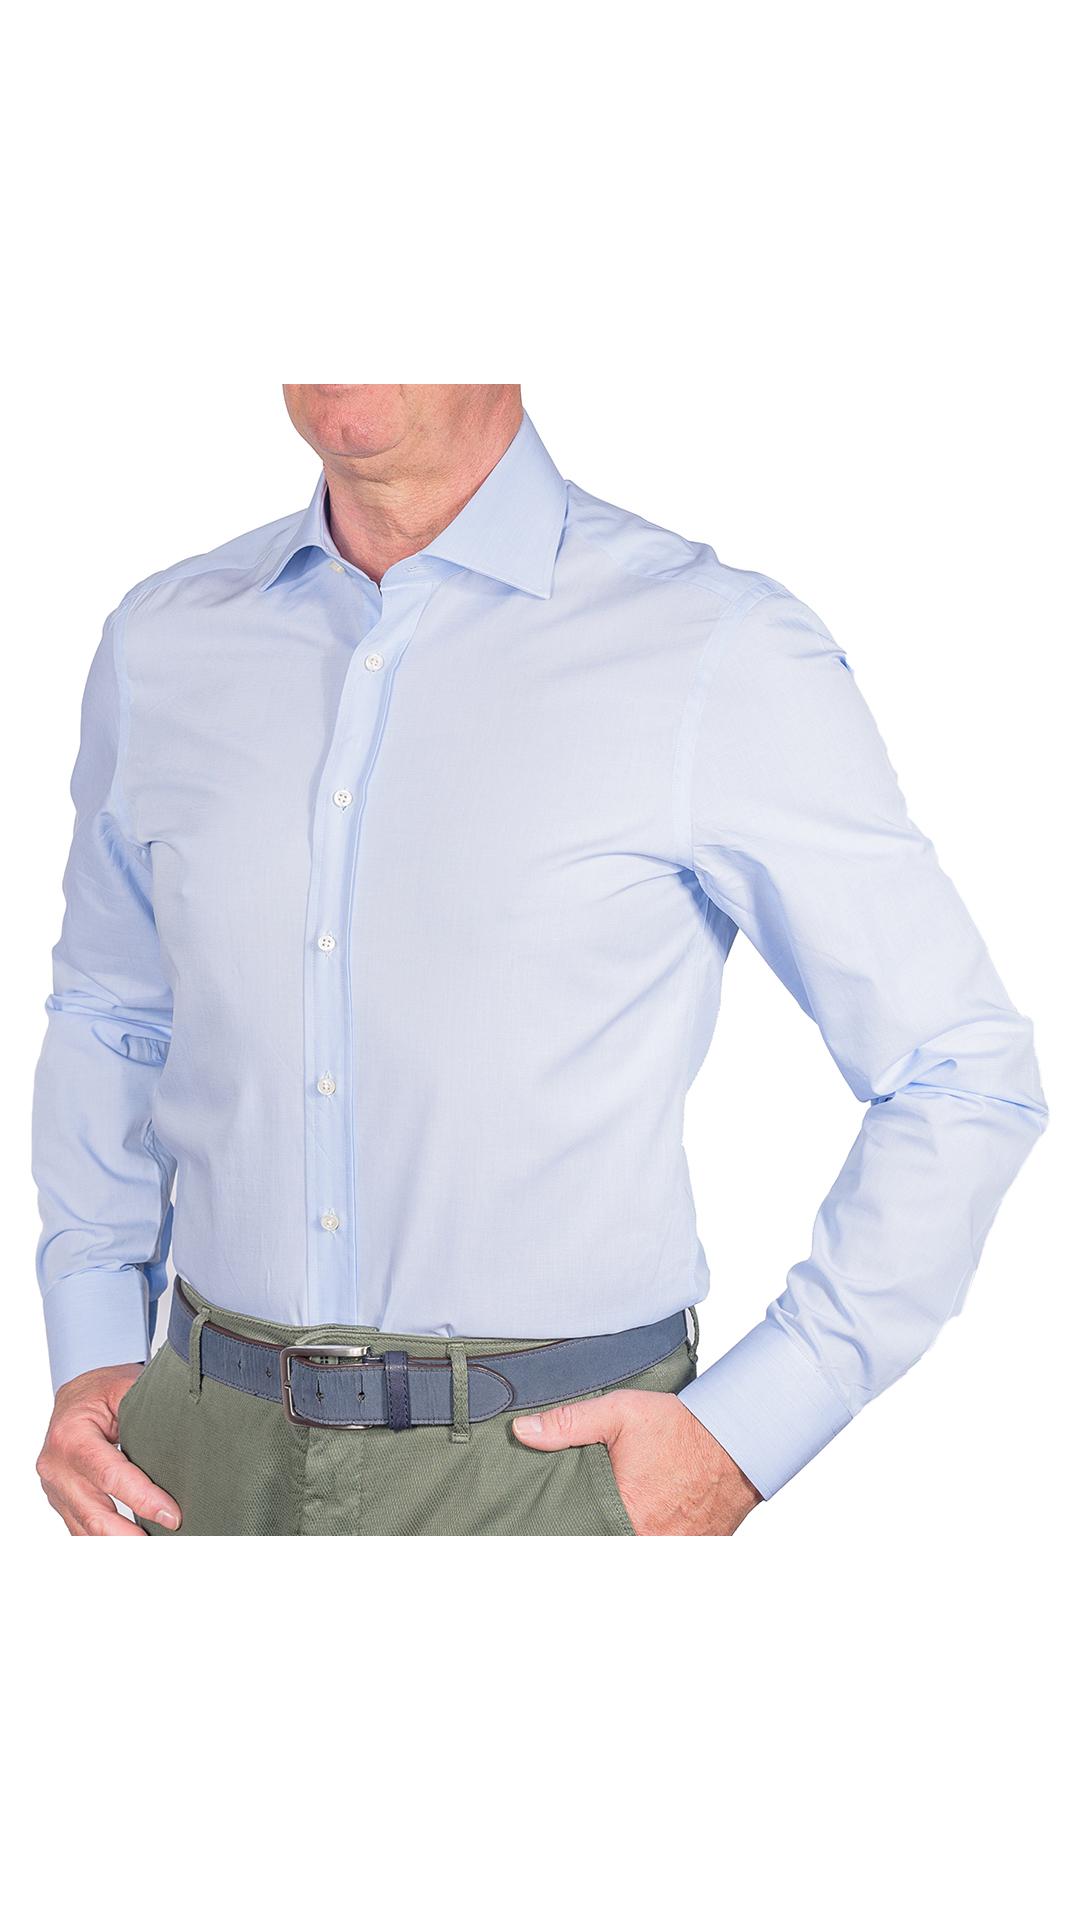 LUXURYJT0093 CAMICIA UOMO DOPPIO RITORTO MANICA LUNGA 1 1stAmerican camicia elegante da uomo in collo classico 100% cotone alta qualità doppio ritorto manica lunga – camicia sartoriale regular fit